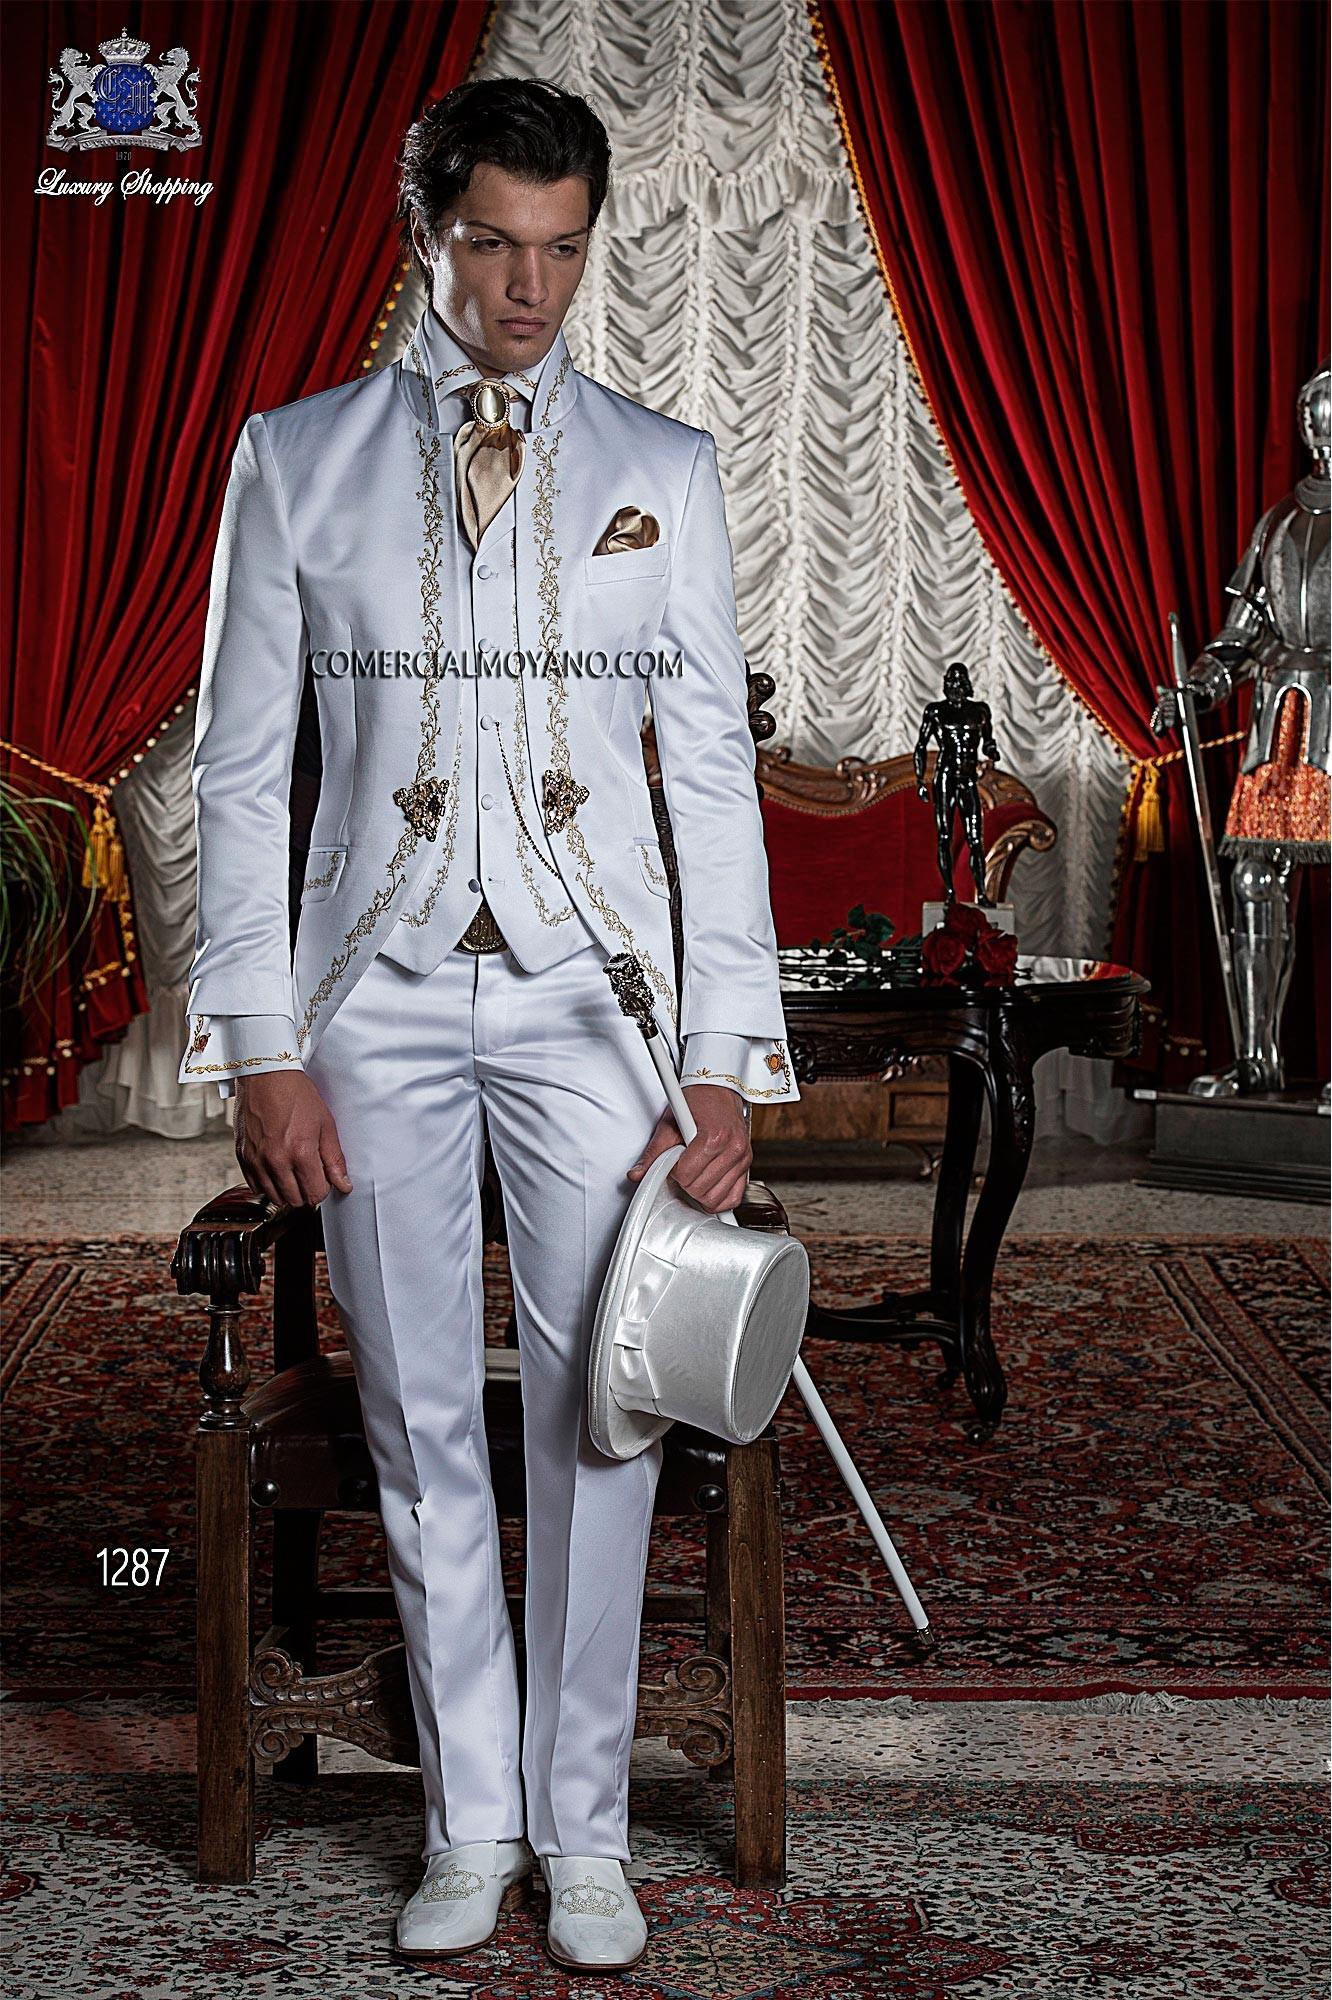 Traje de novio barroco blanco modelo: 1287 Ottavio Nuccio Gala colección 2017 Barroco